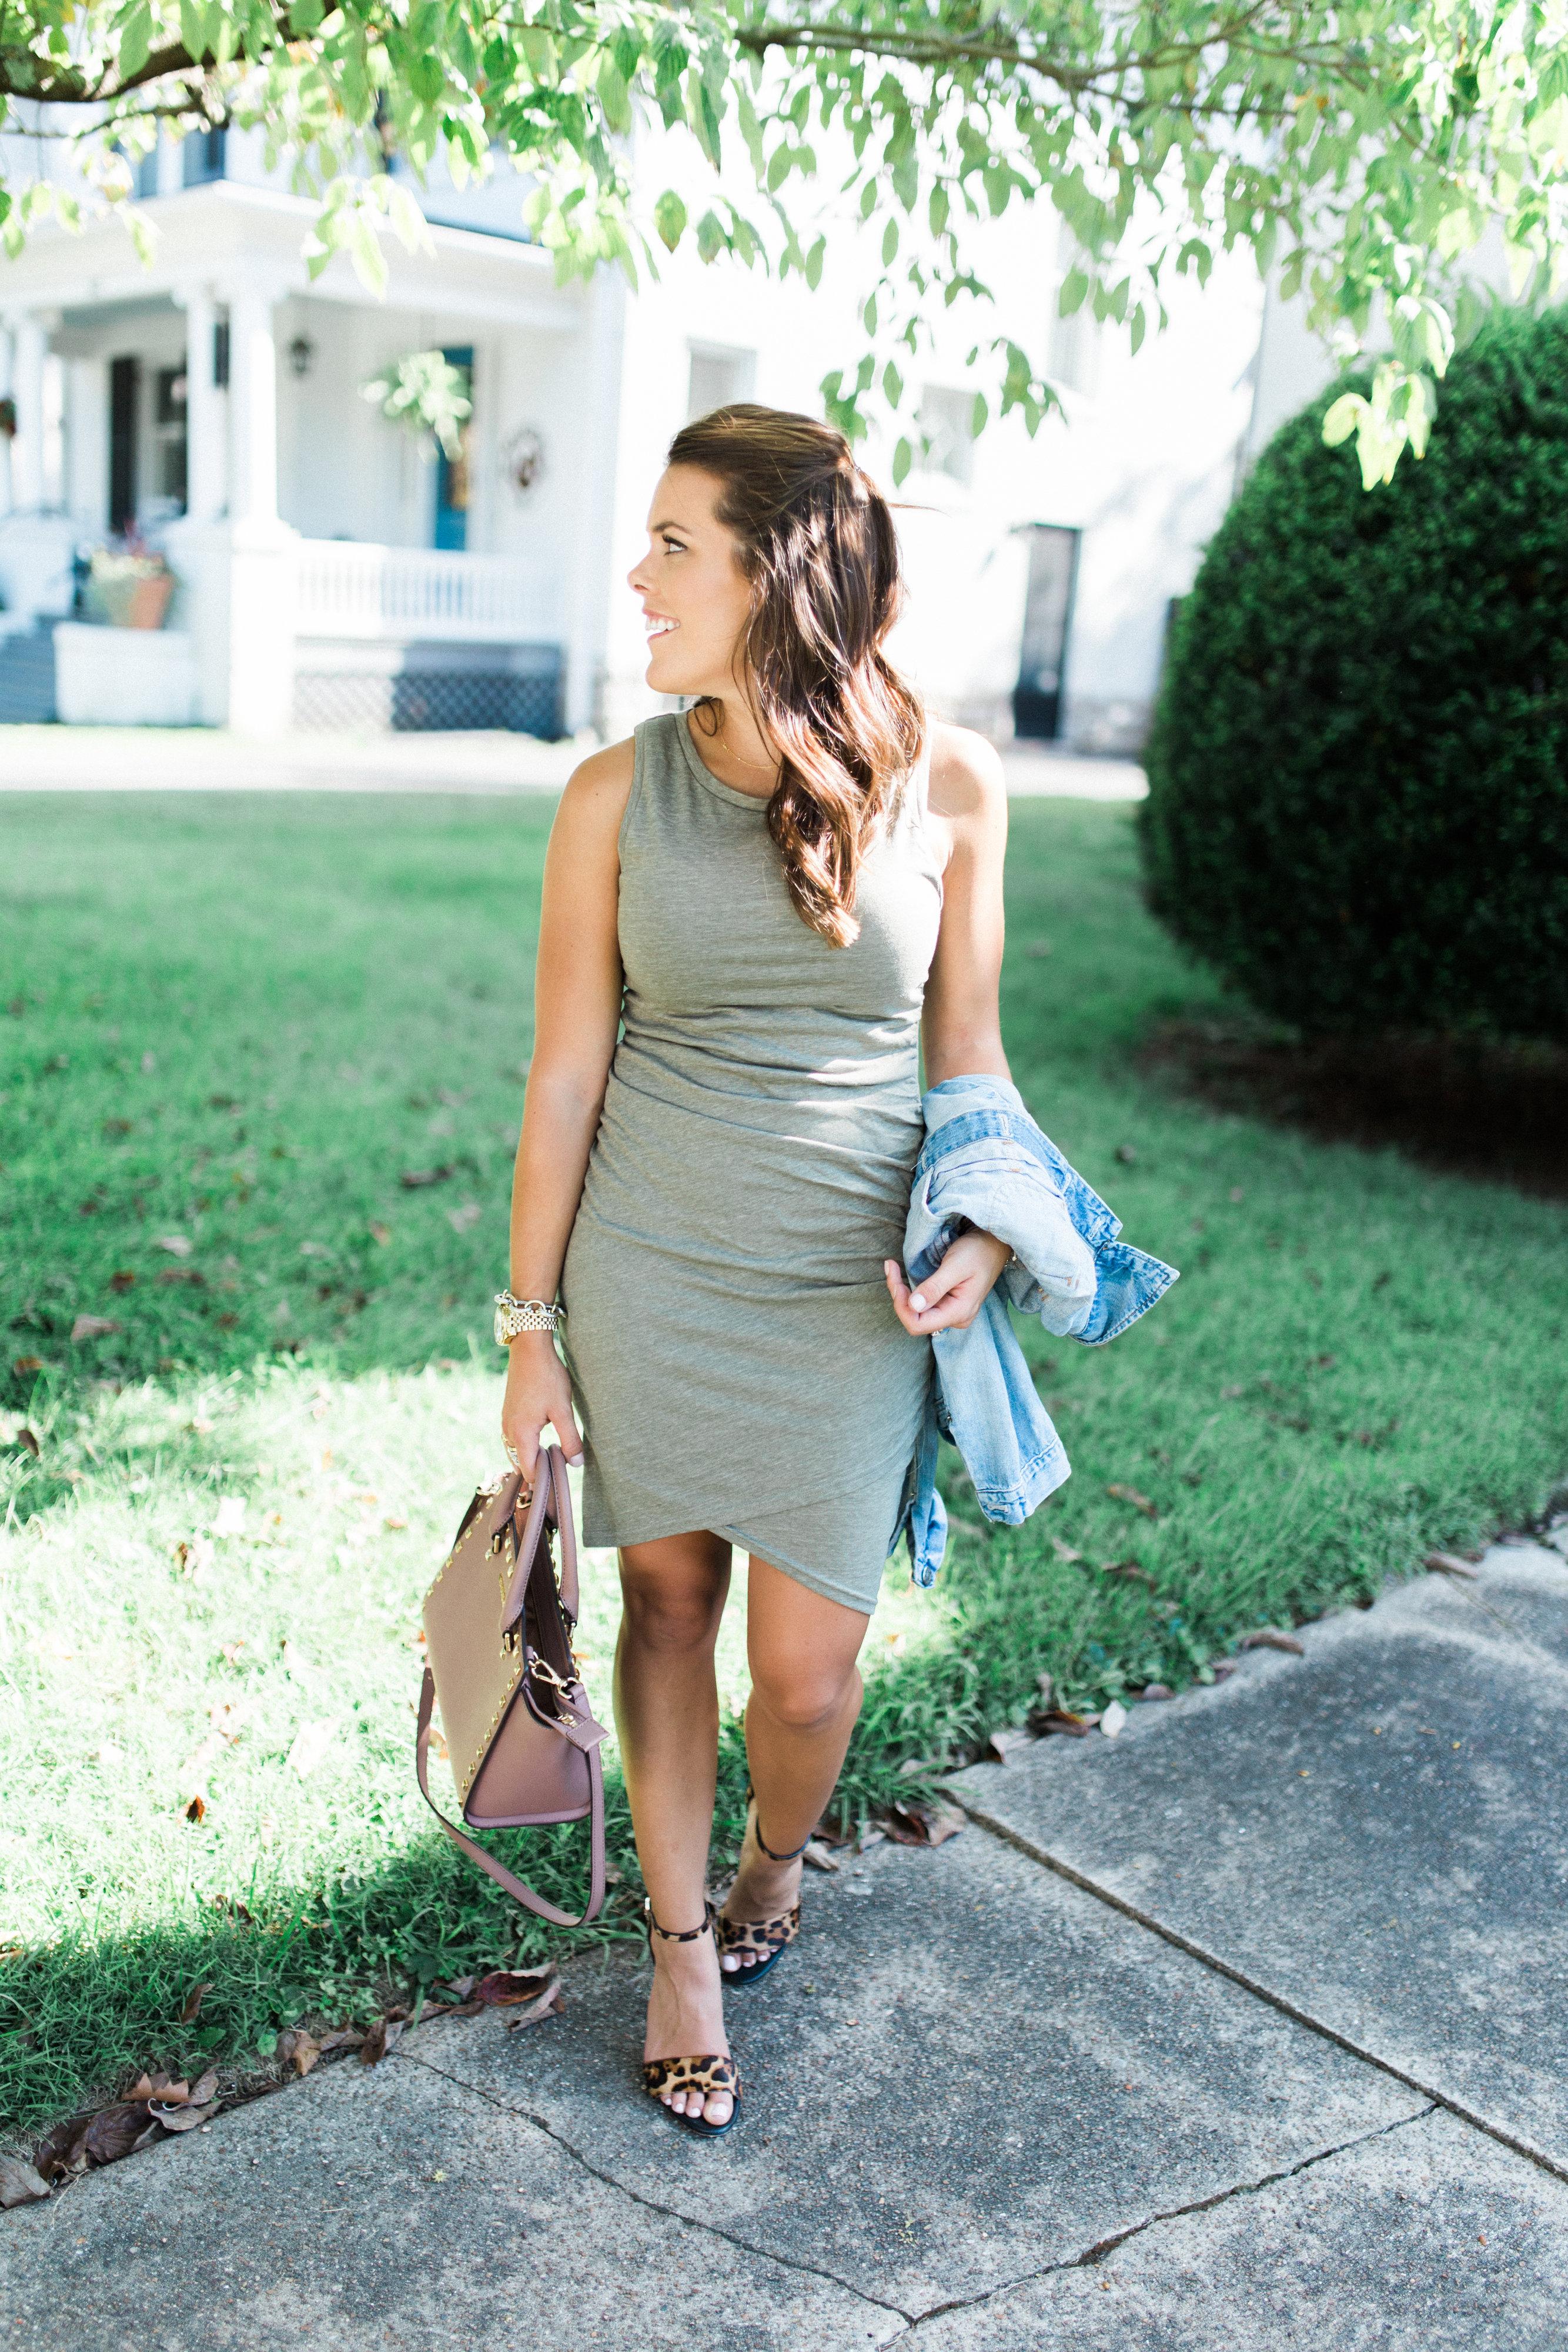 Easy Body Con Dress // Nordstrom Dress, Leopard Sandals, Denim Jacket, Michael Kors Bag via Glitter & Gingham